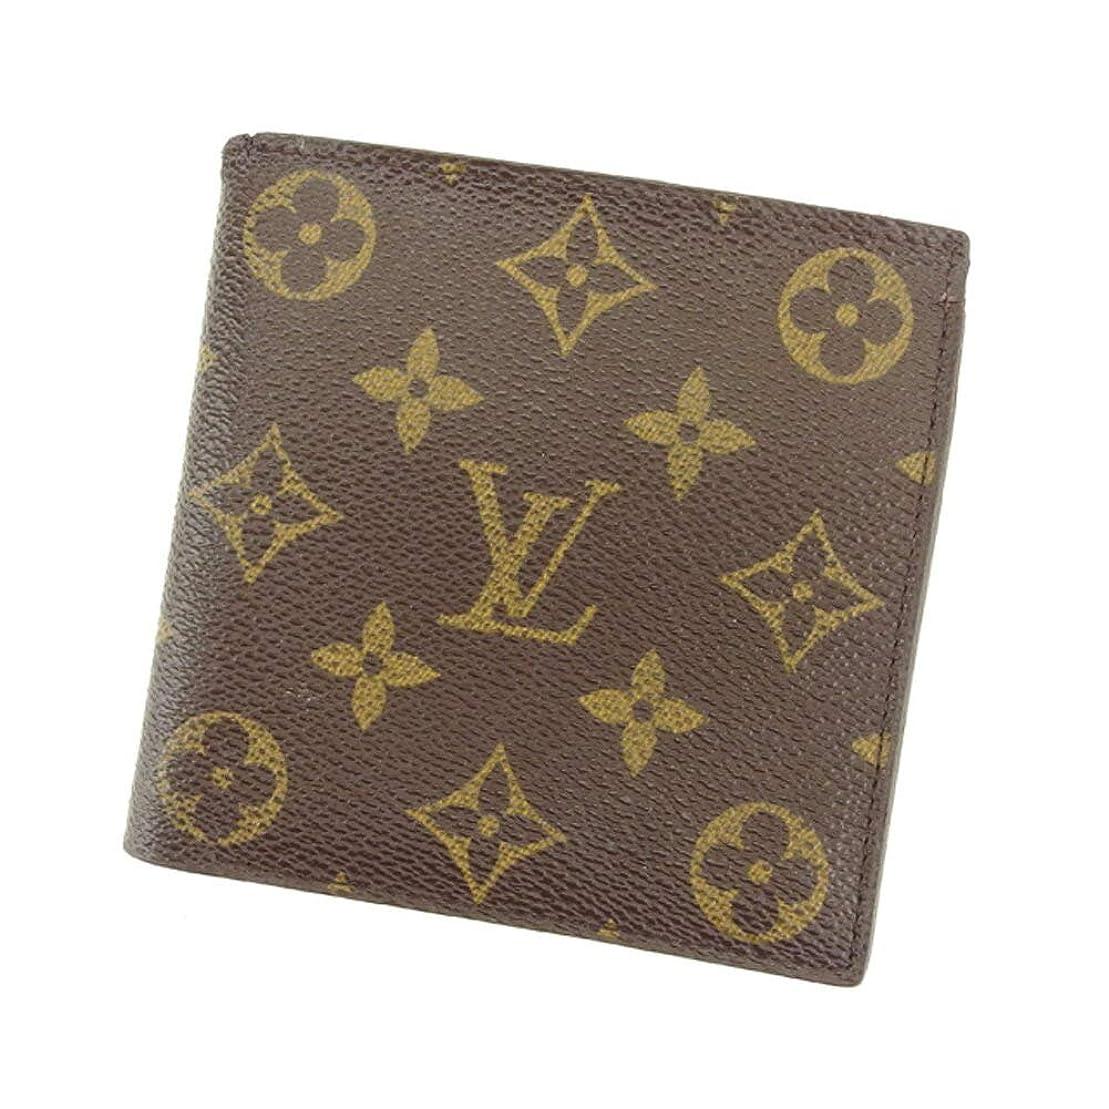 コート集団正確な(ルイ ヴィトン) Louis Vuitton 二つ折り 財布 廃盤レア ブラウン ベージュ モノグラム レディース メンズ 中古 T8193